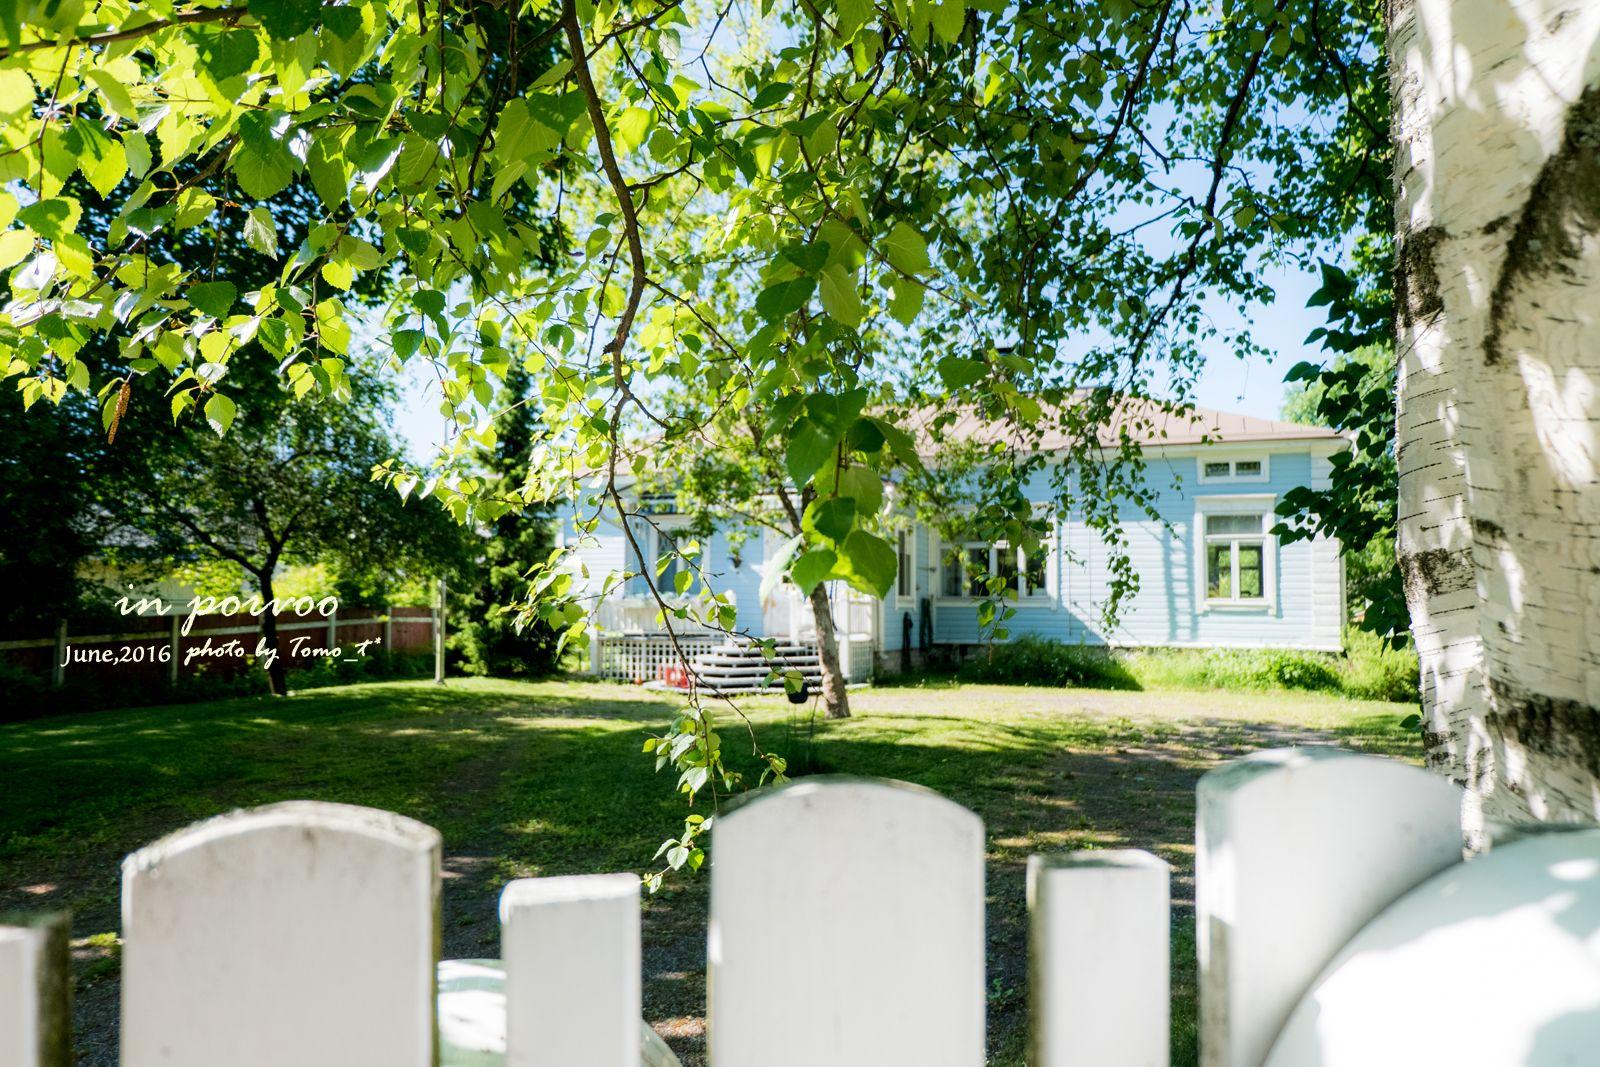 道のりを記憶に残して: 旧市街地から~別荘地の散策(フィンランド・ポルヴォー)/2016年 ヨーロッパ3カ国ひとり旅